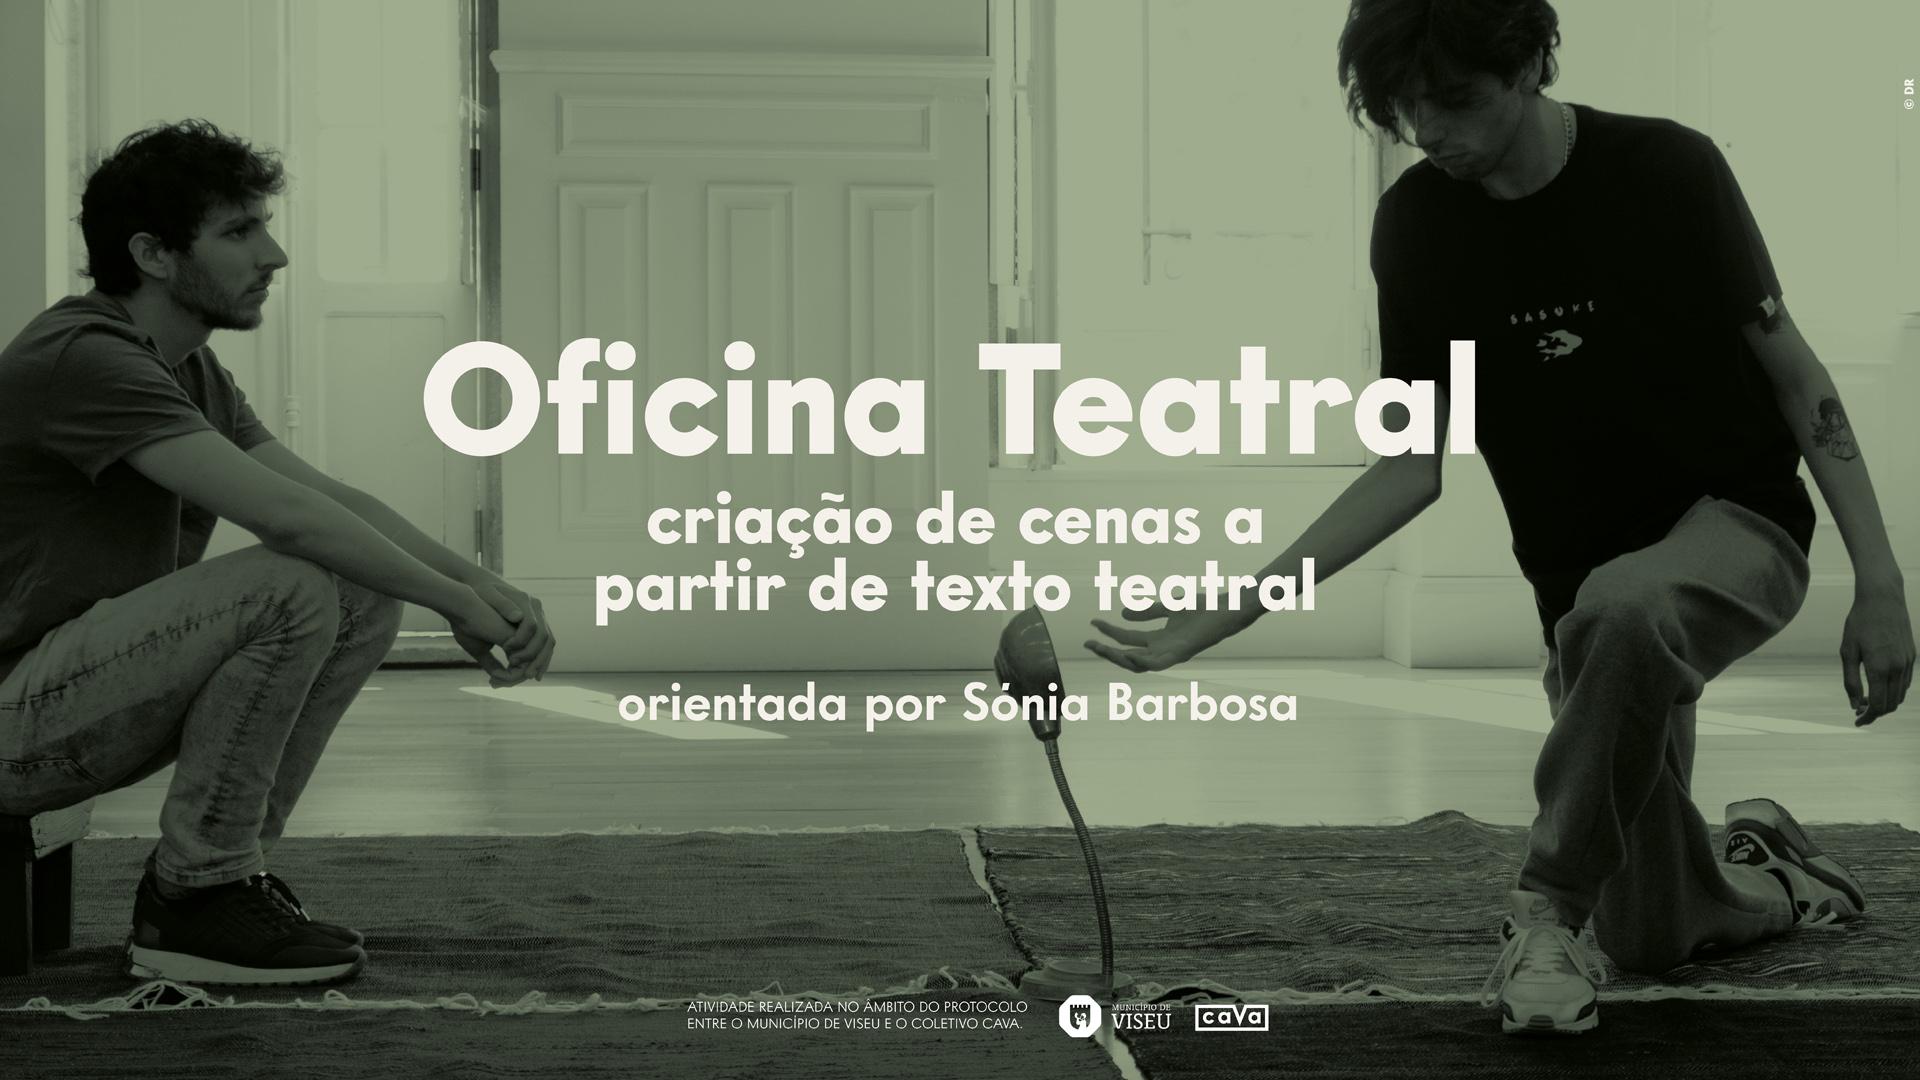 Oficinal Teatral – Criação de cenas a partir de texto teatral